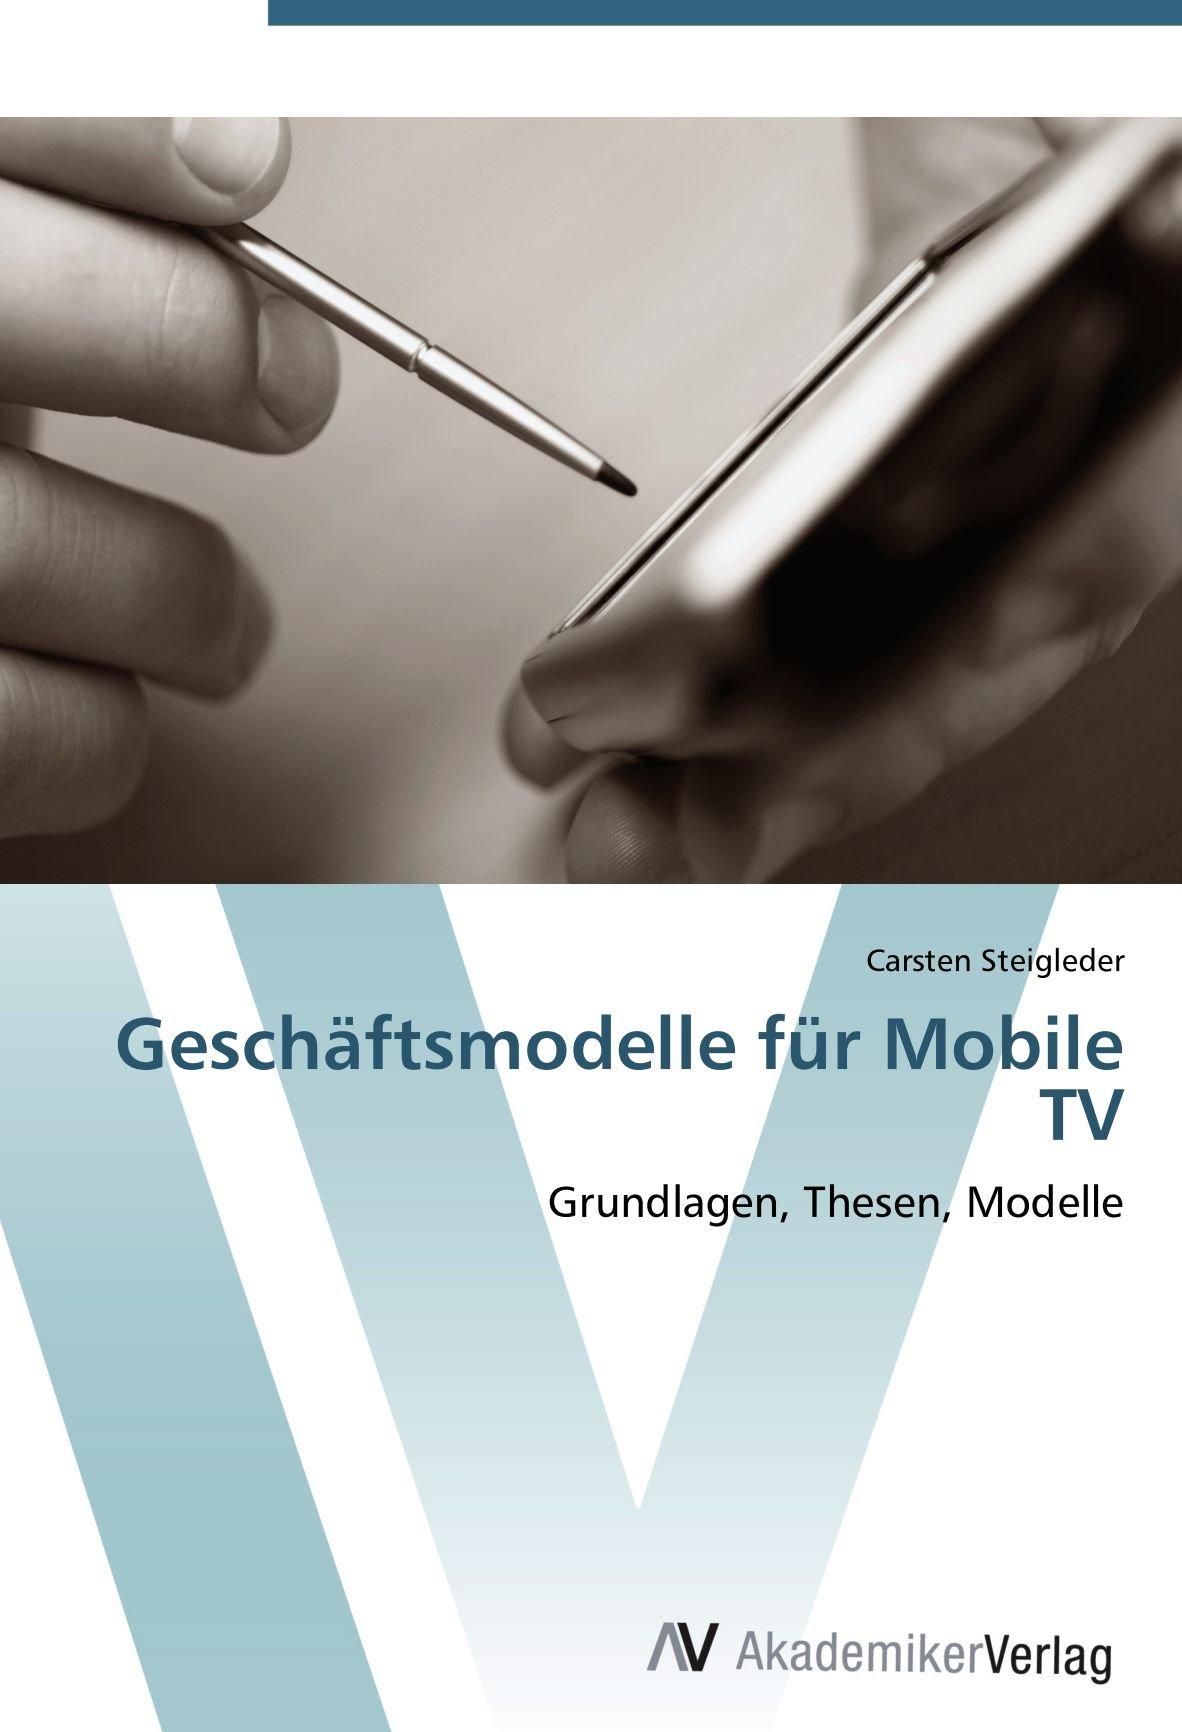 Geschäftsmodelle für Mobile TV: Grundlagen, Thesen, Modelle